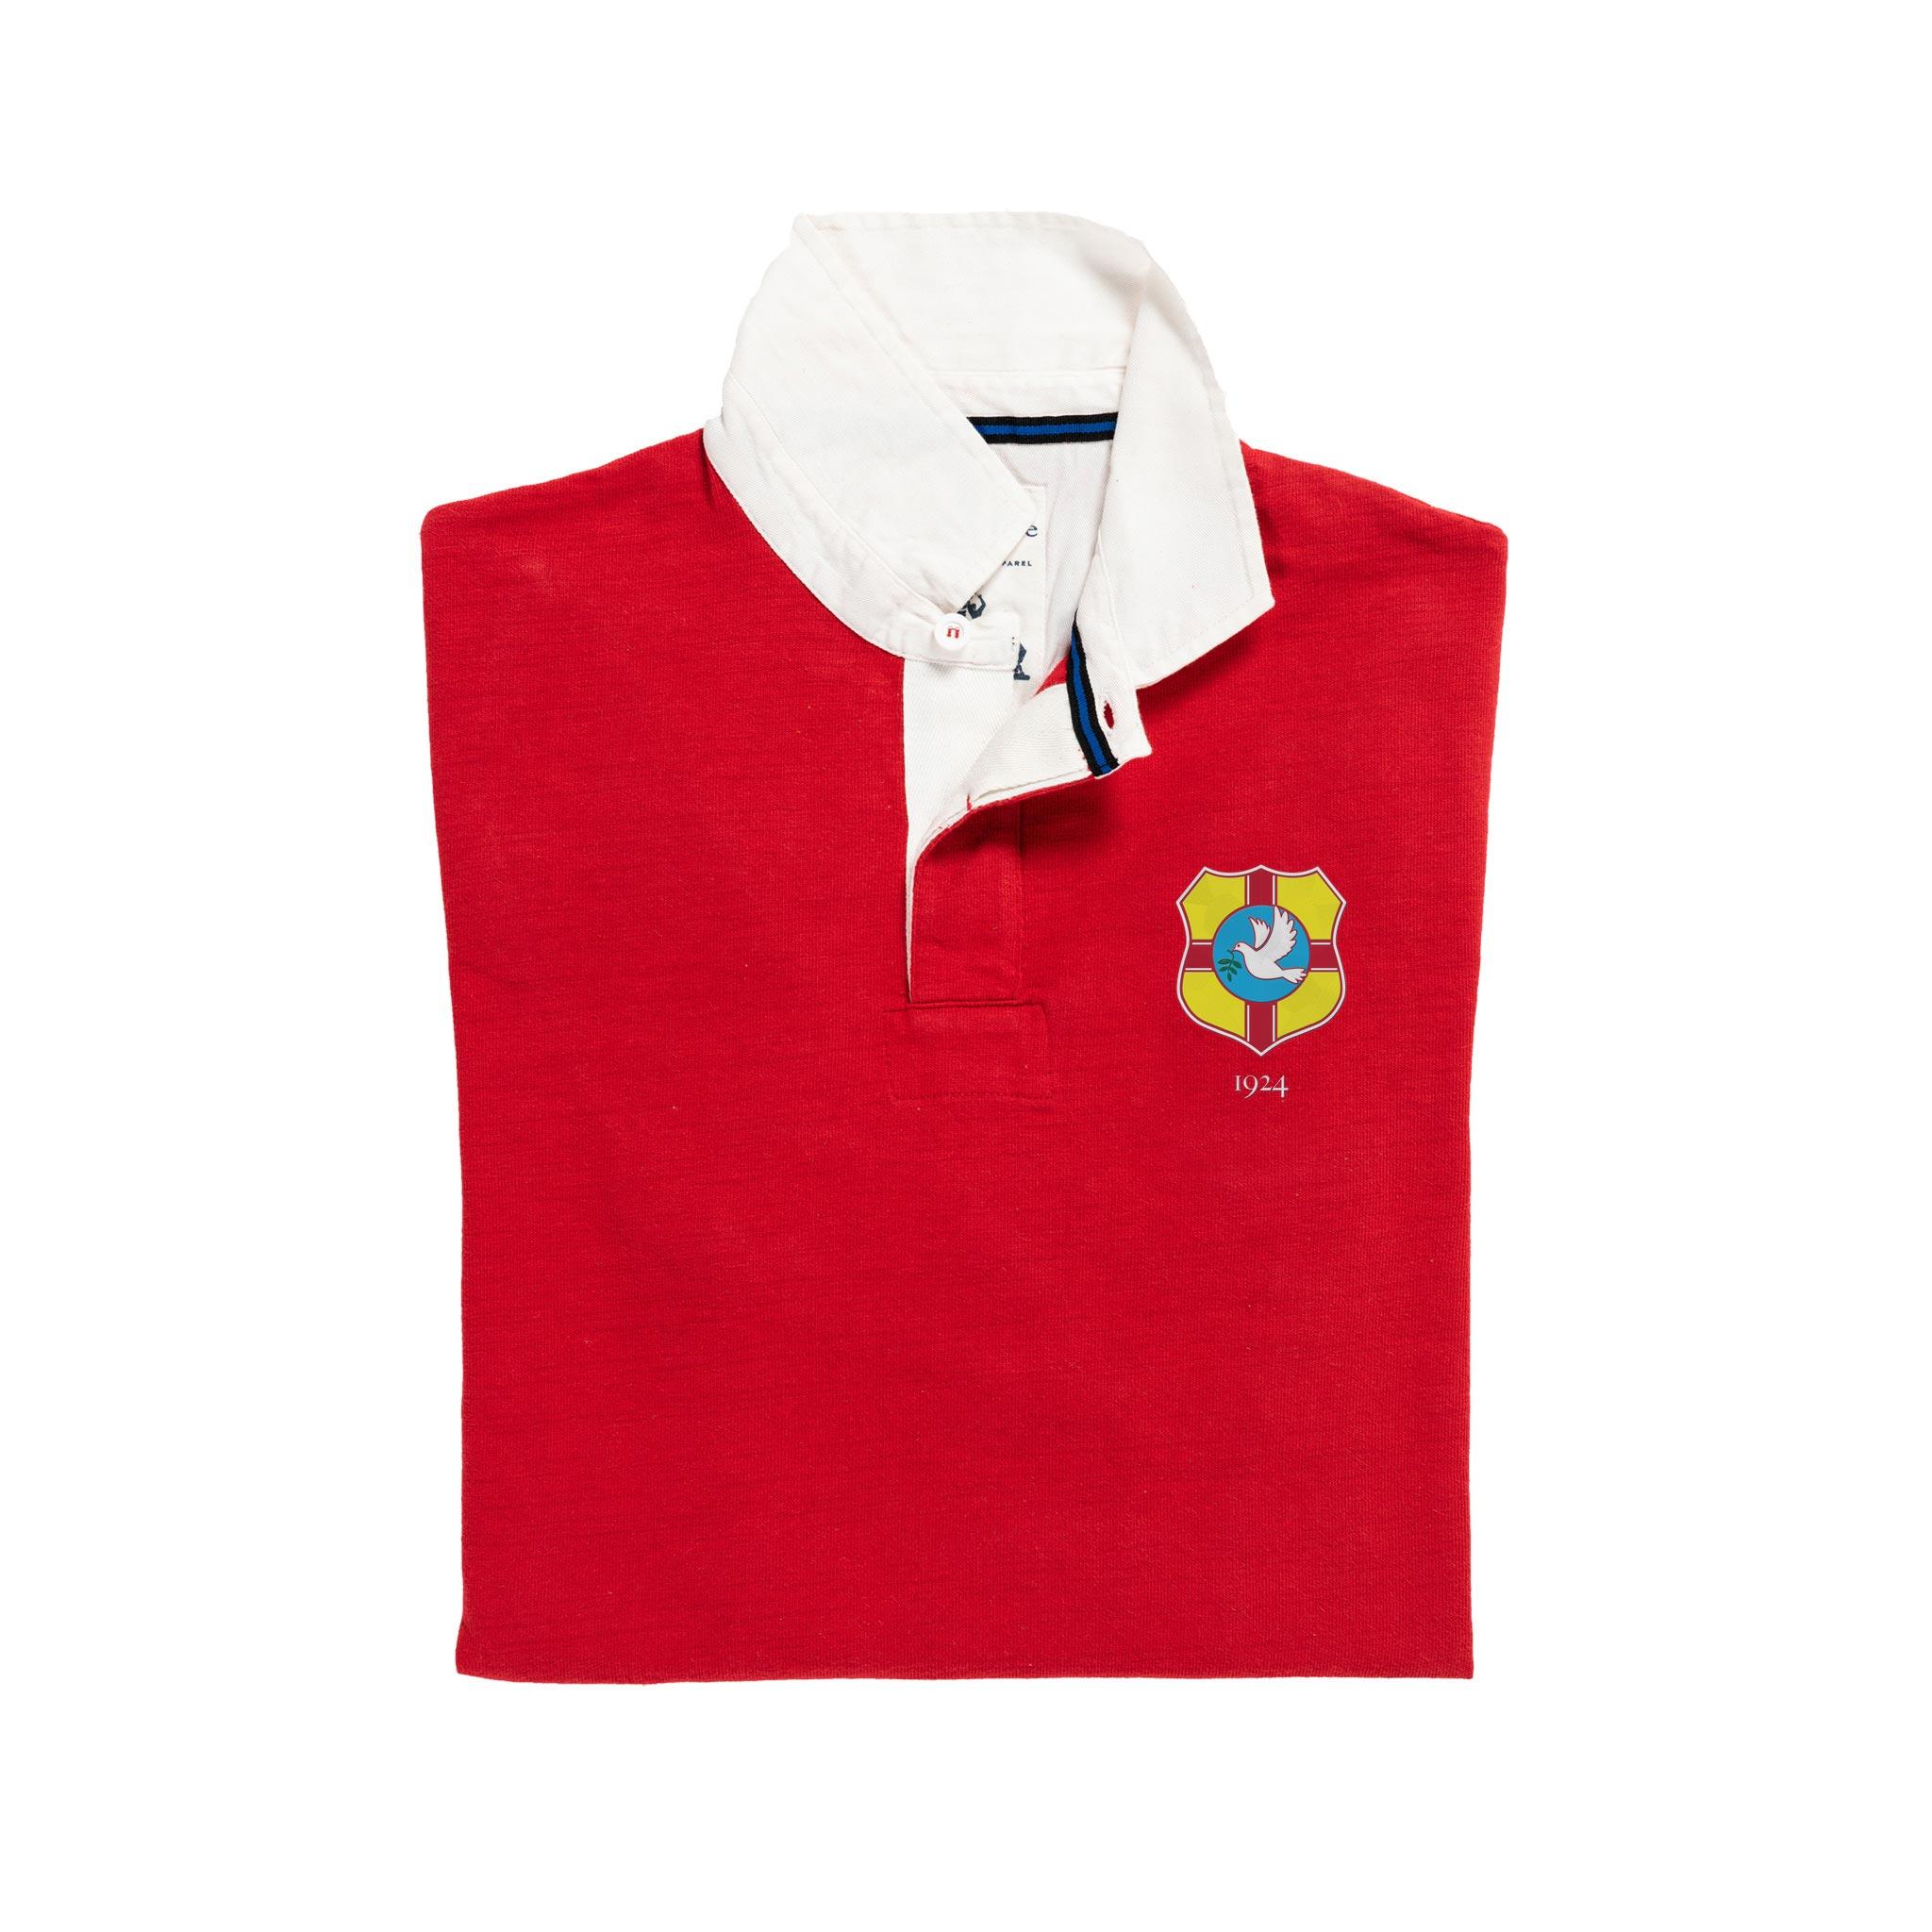 Tonga 1924 Rugby Shirt_Folded